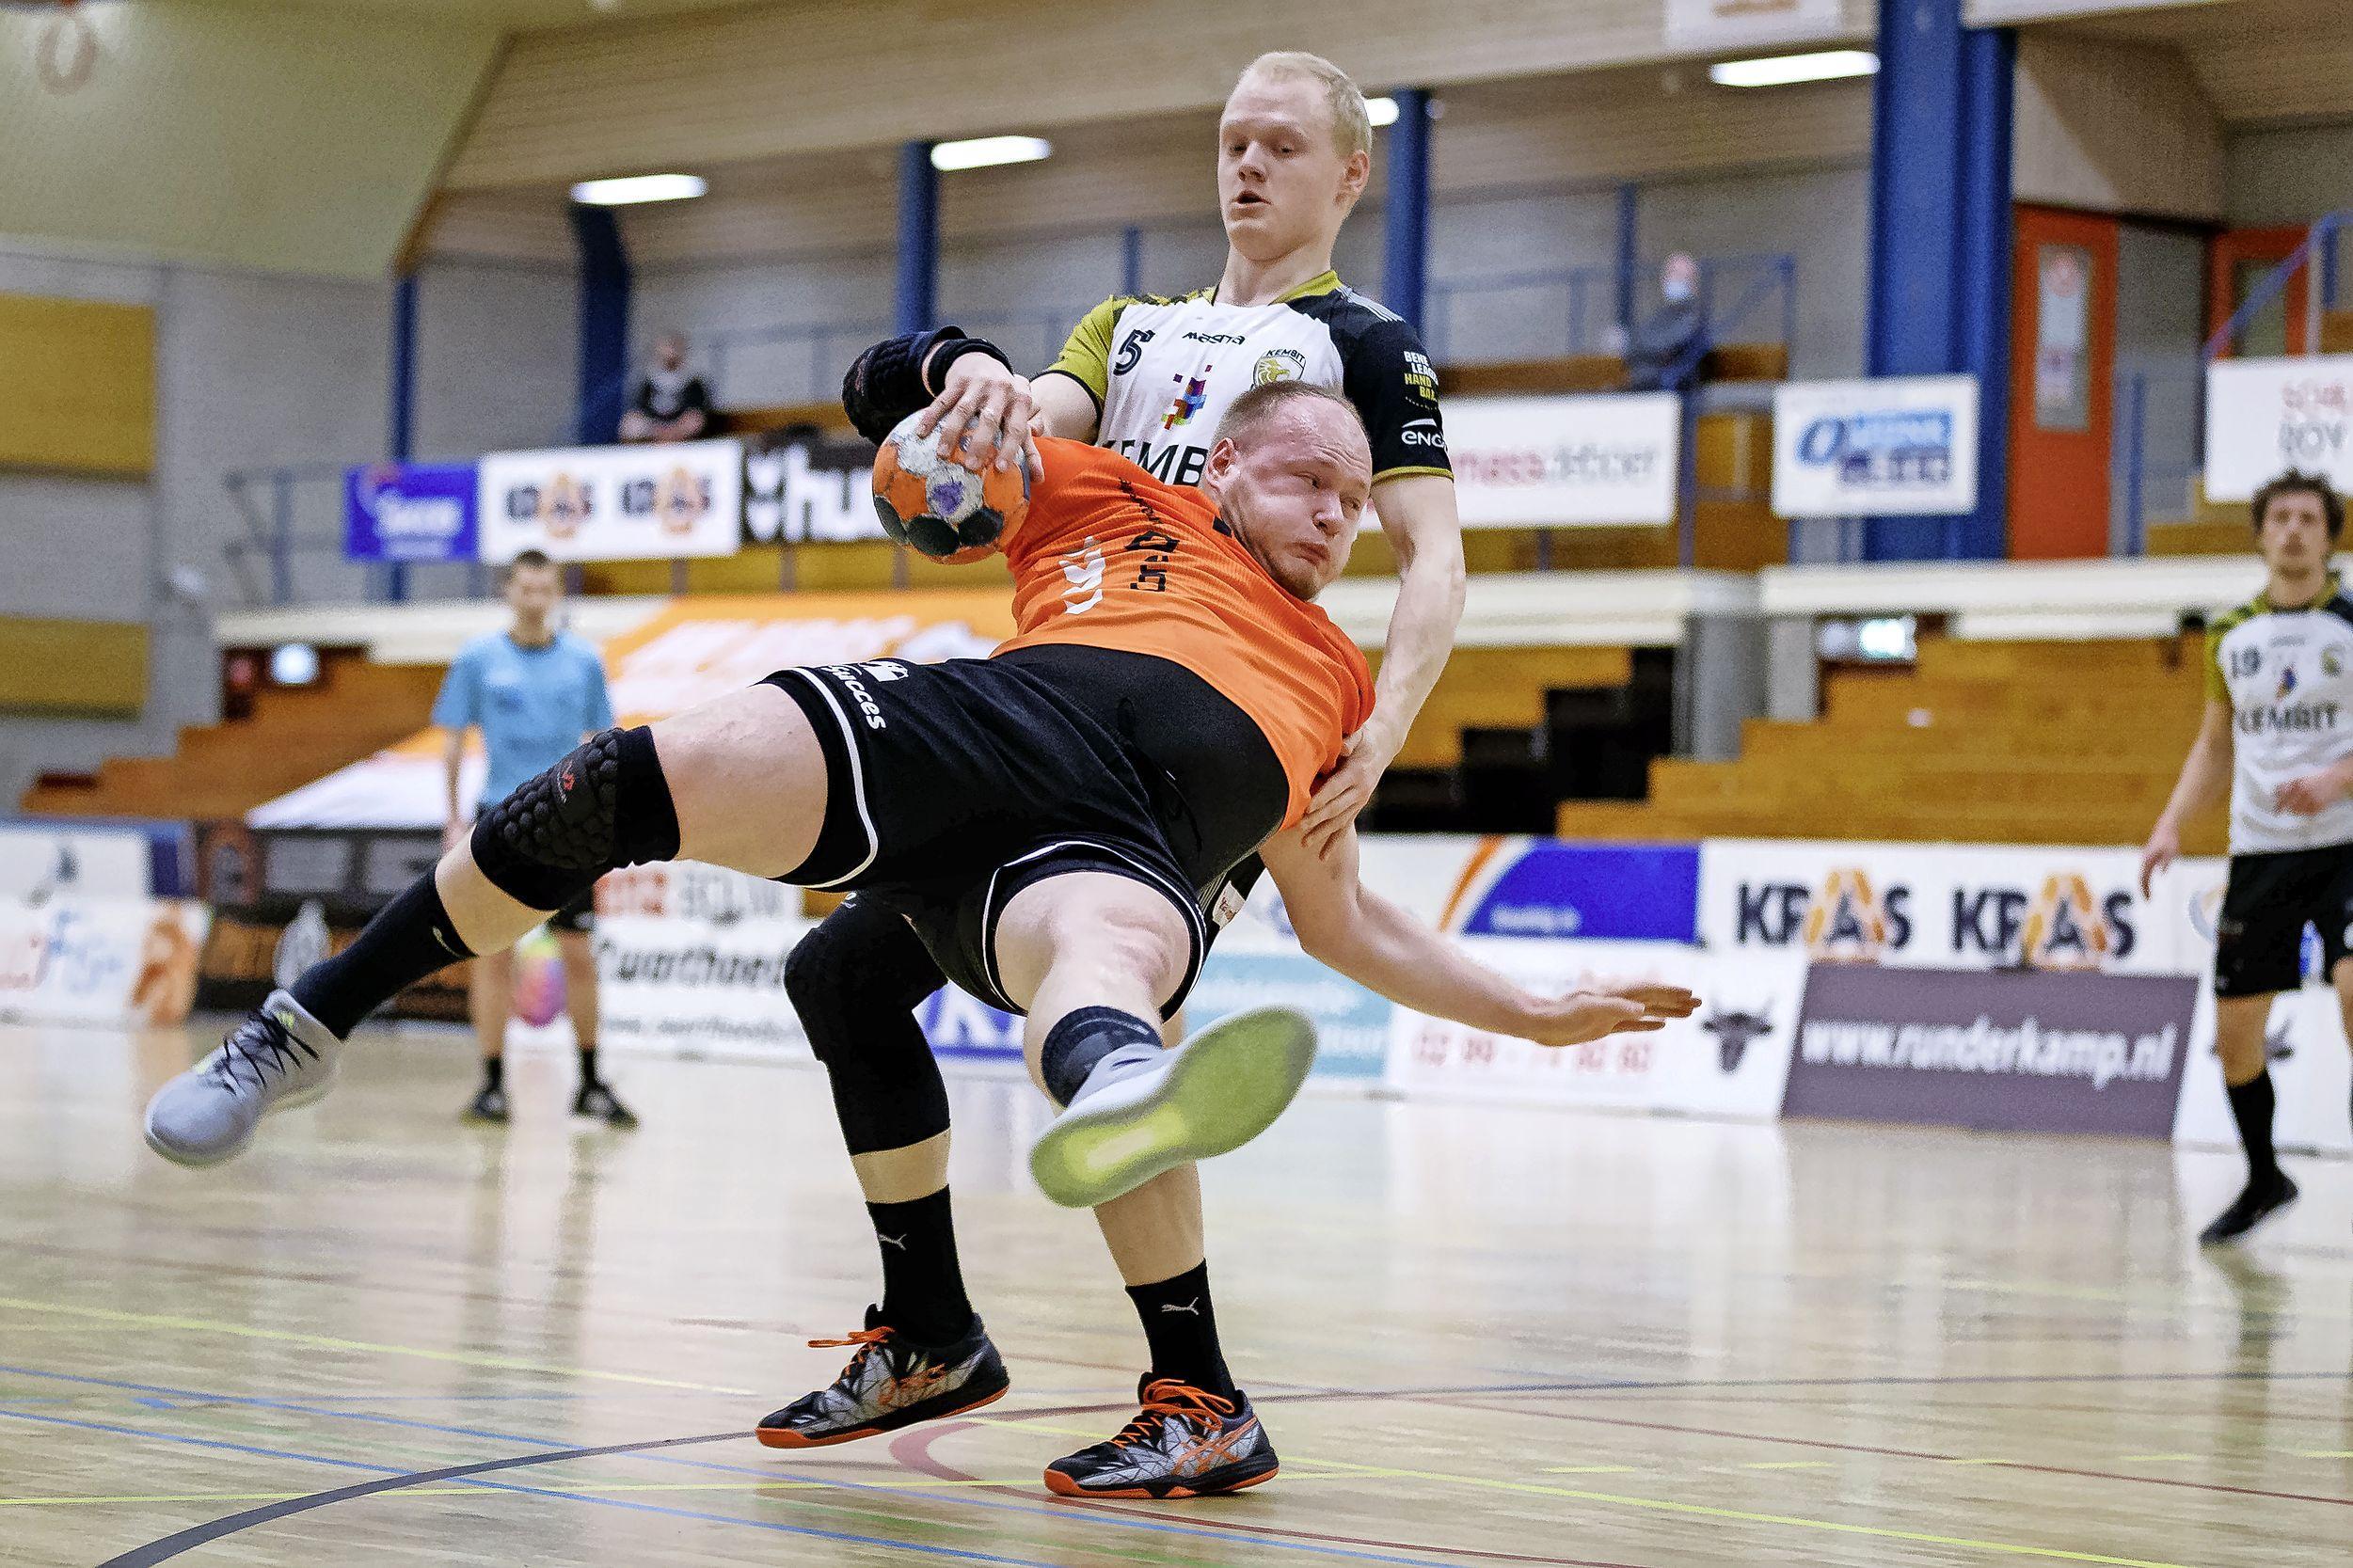 Handbalbroers Tim en Jeroen Roefs herenigd bij HV Volendam; Jorn Smits kiest voor nieuw Deens avontuur